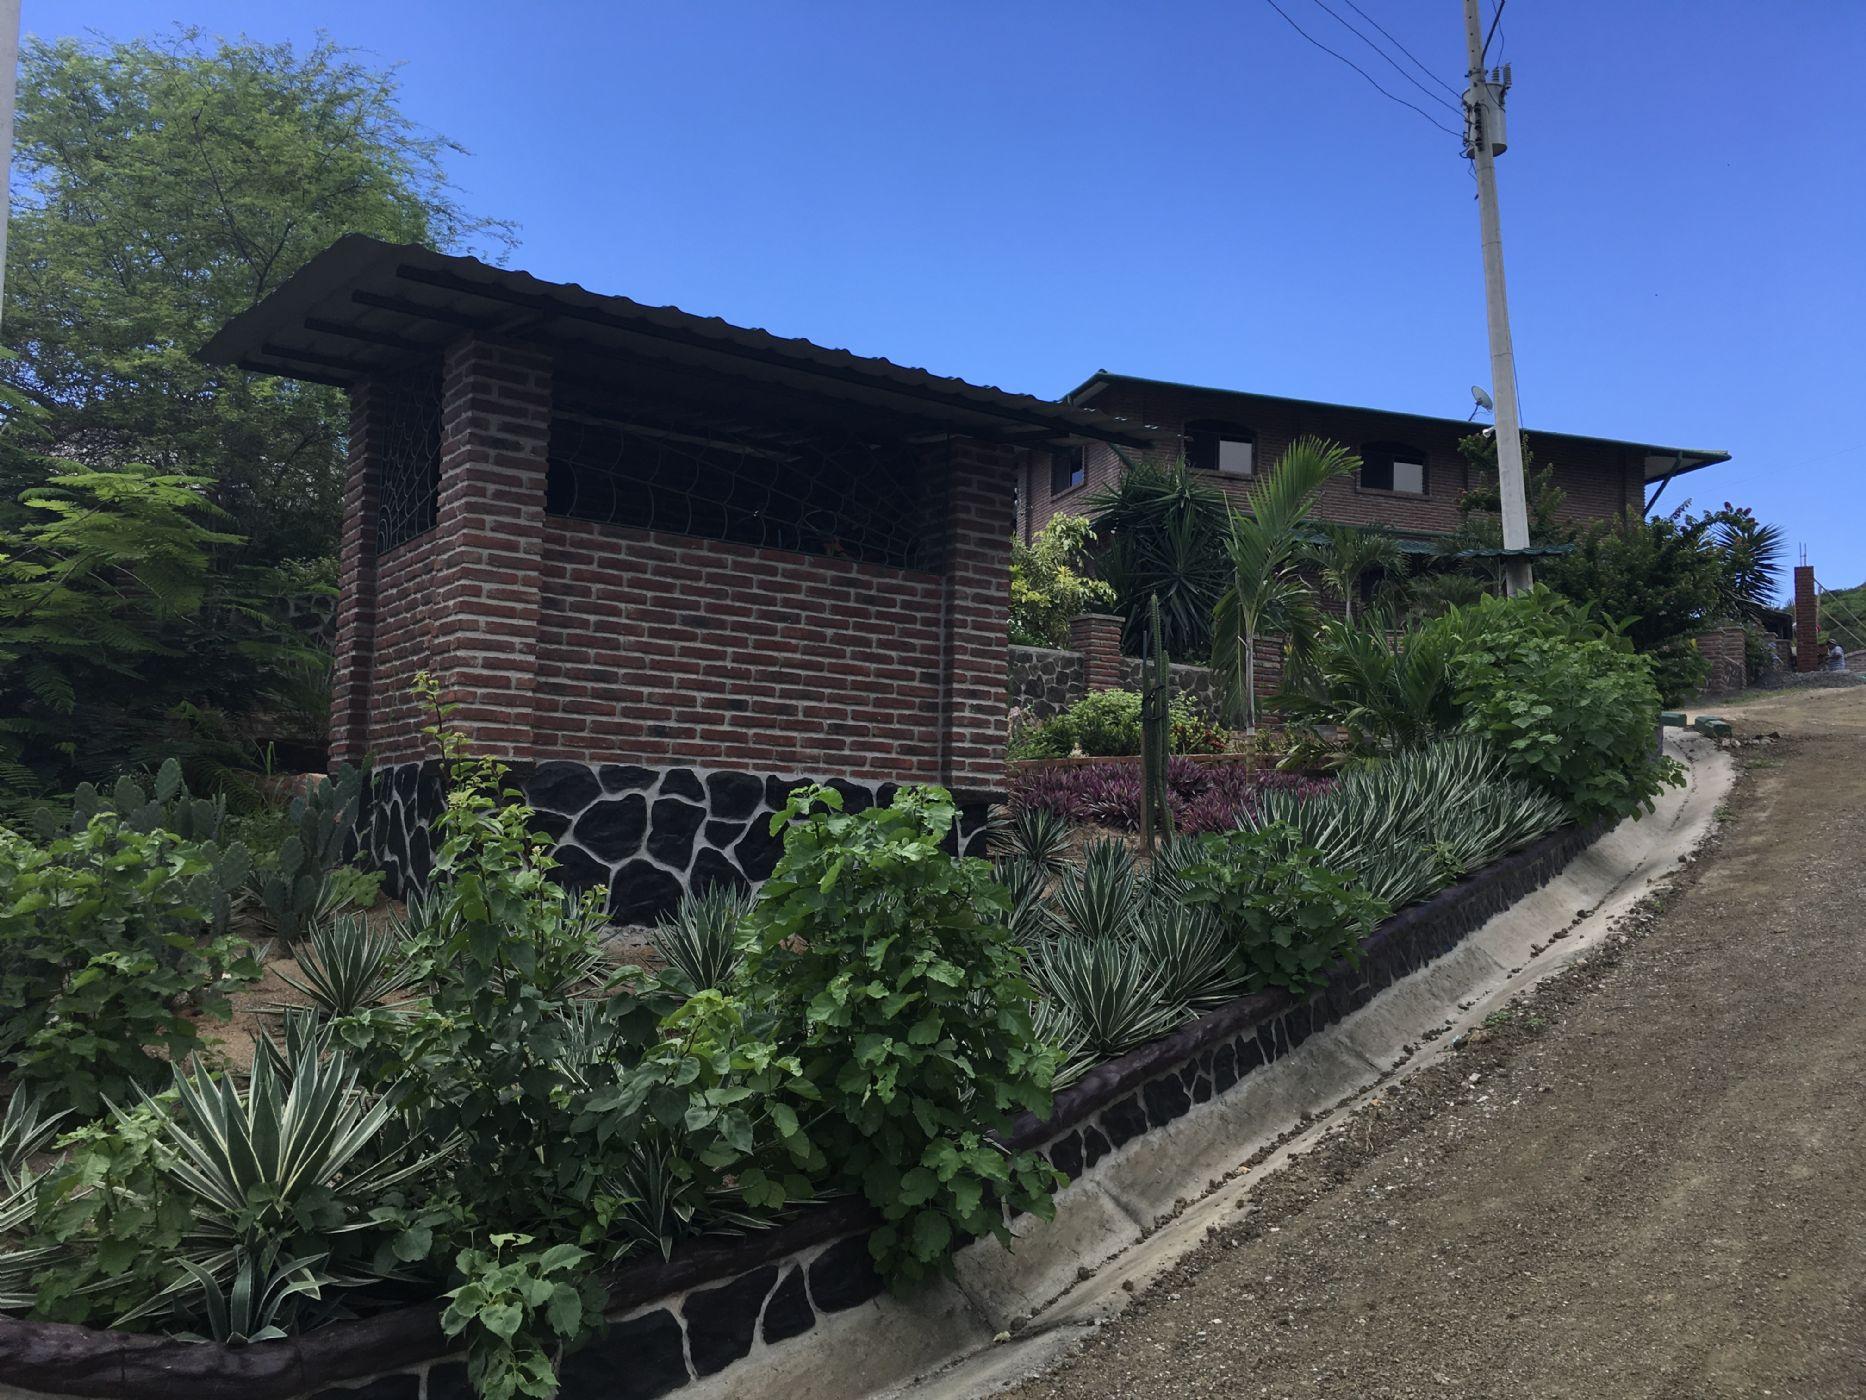 Puerto-Lopez-Ecuador-property-500544-1.JPG